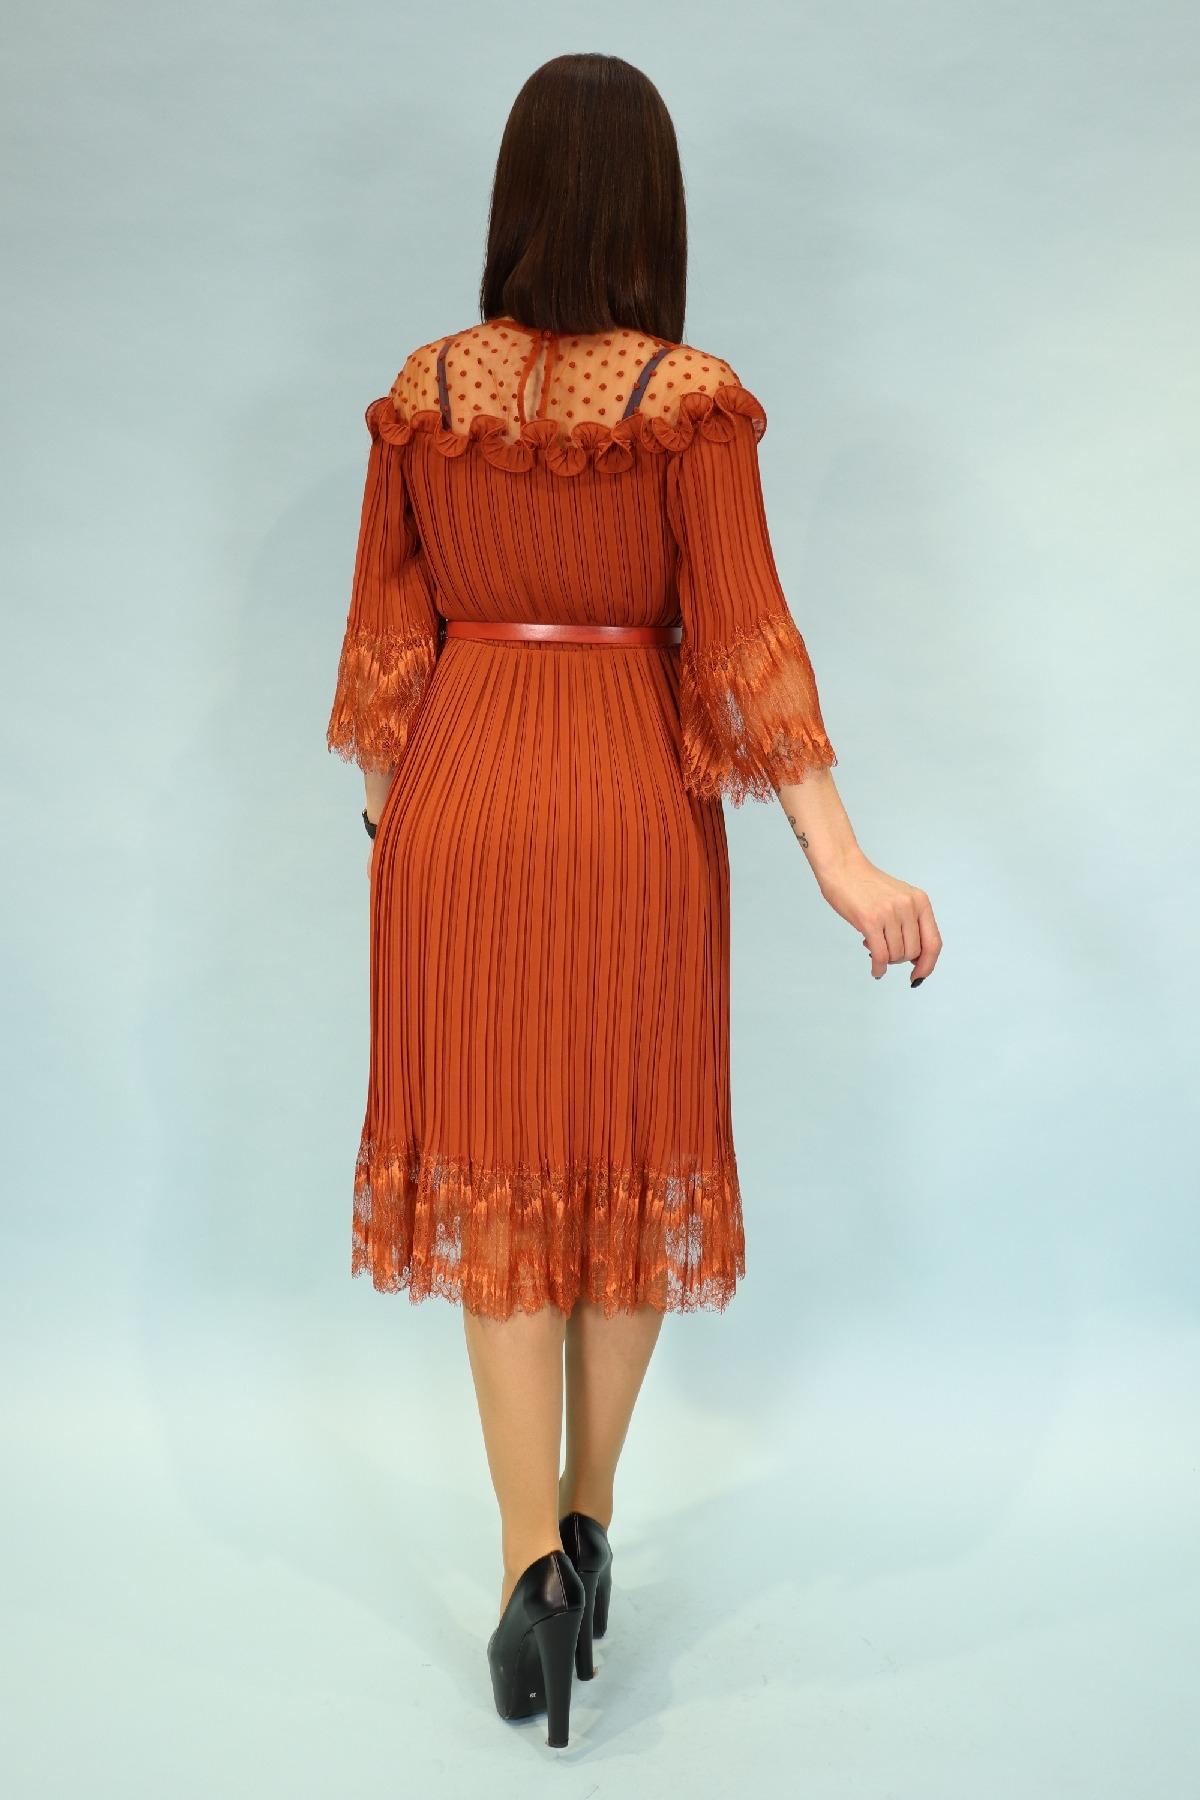 Day Dresses Medium-Orange